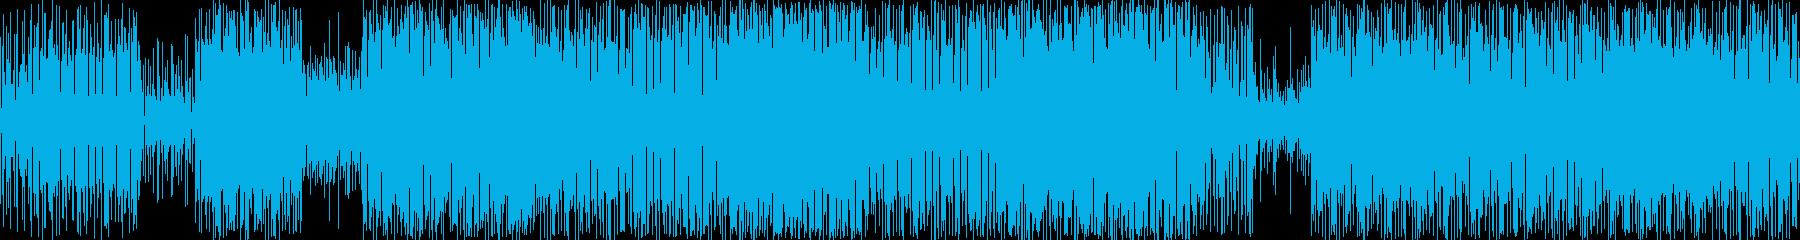 軽快なリズムと印象的なリズムが特徴的な…の再生済みの波形